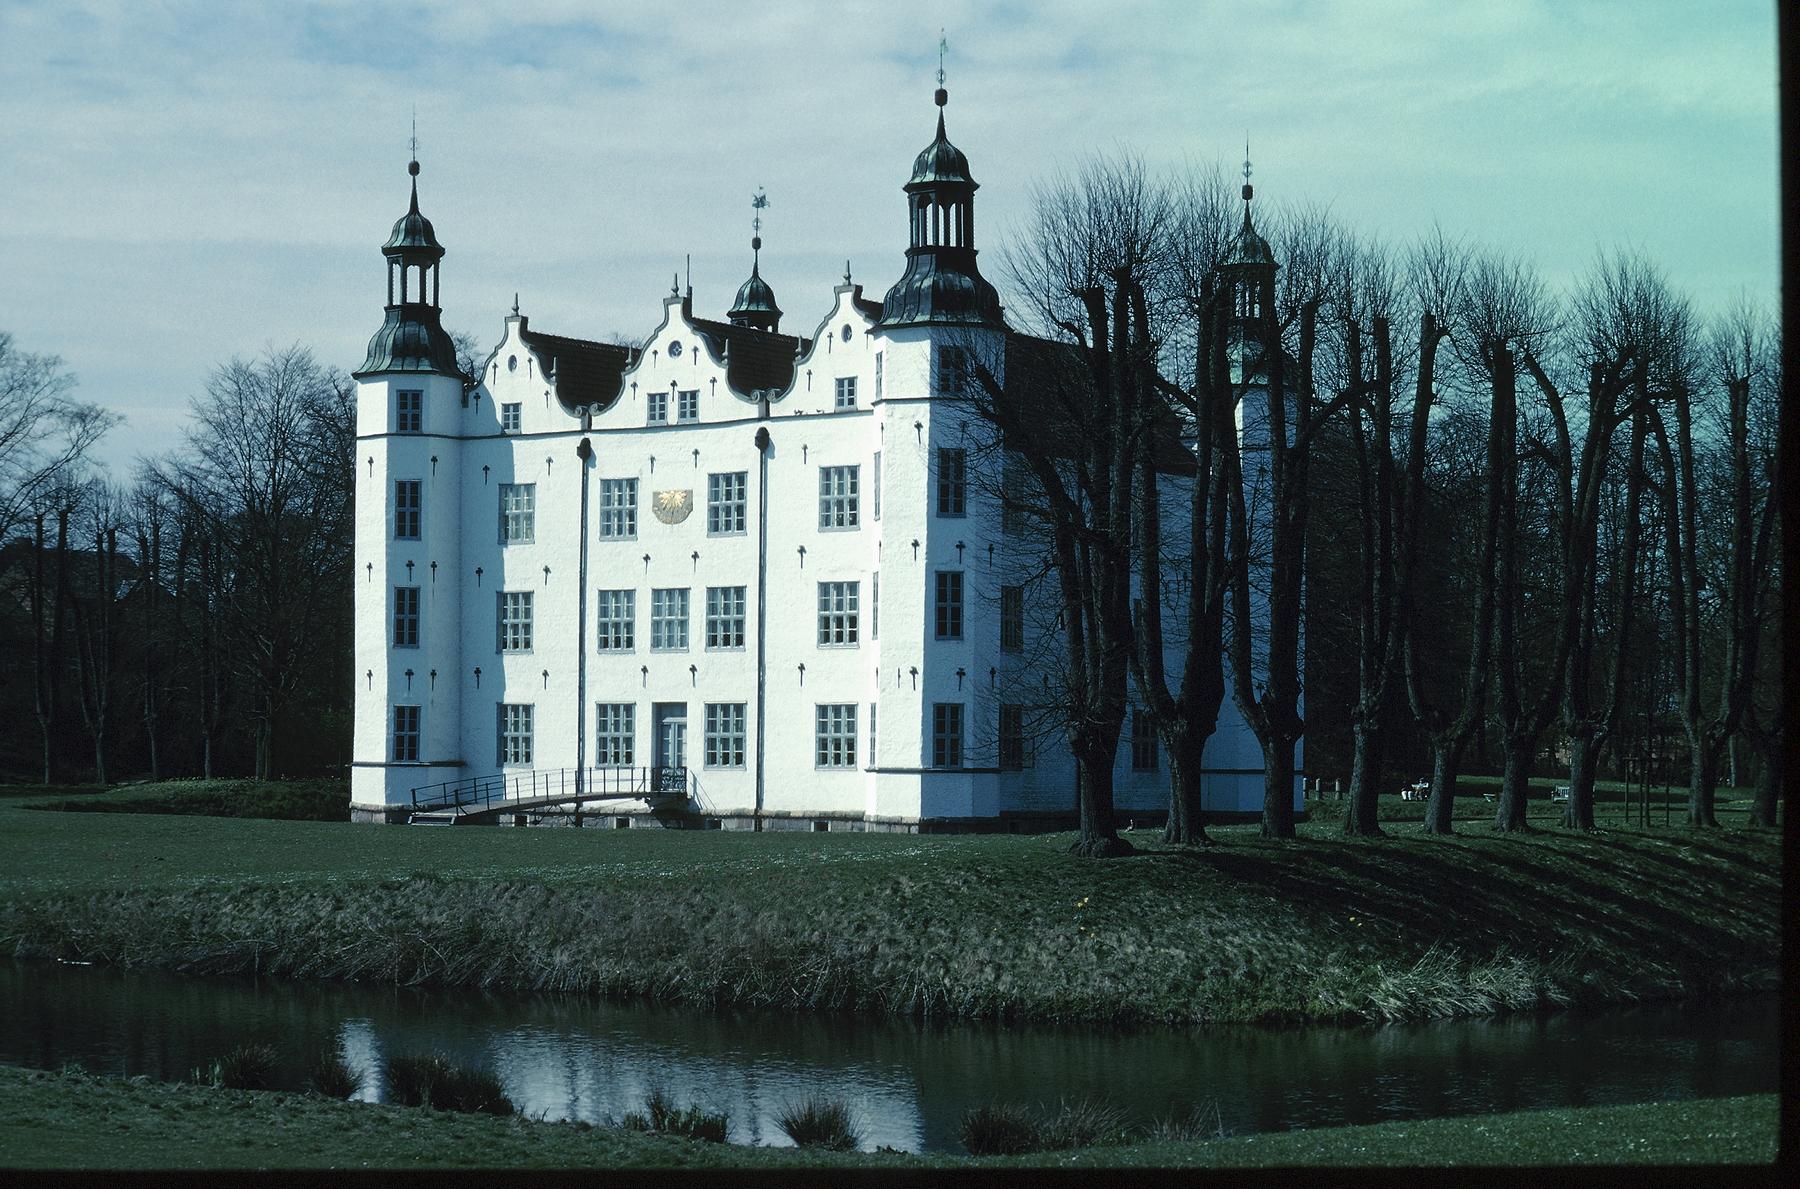 schönsten Kleinstädte und Dörfer in Schleswig-Holstein